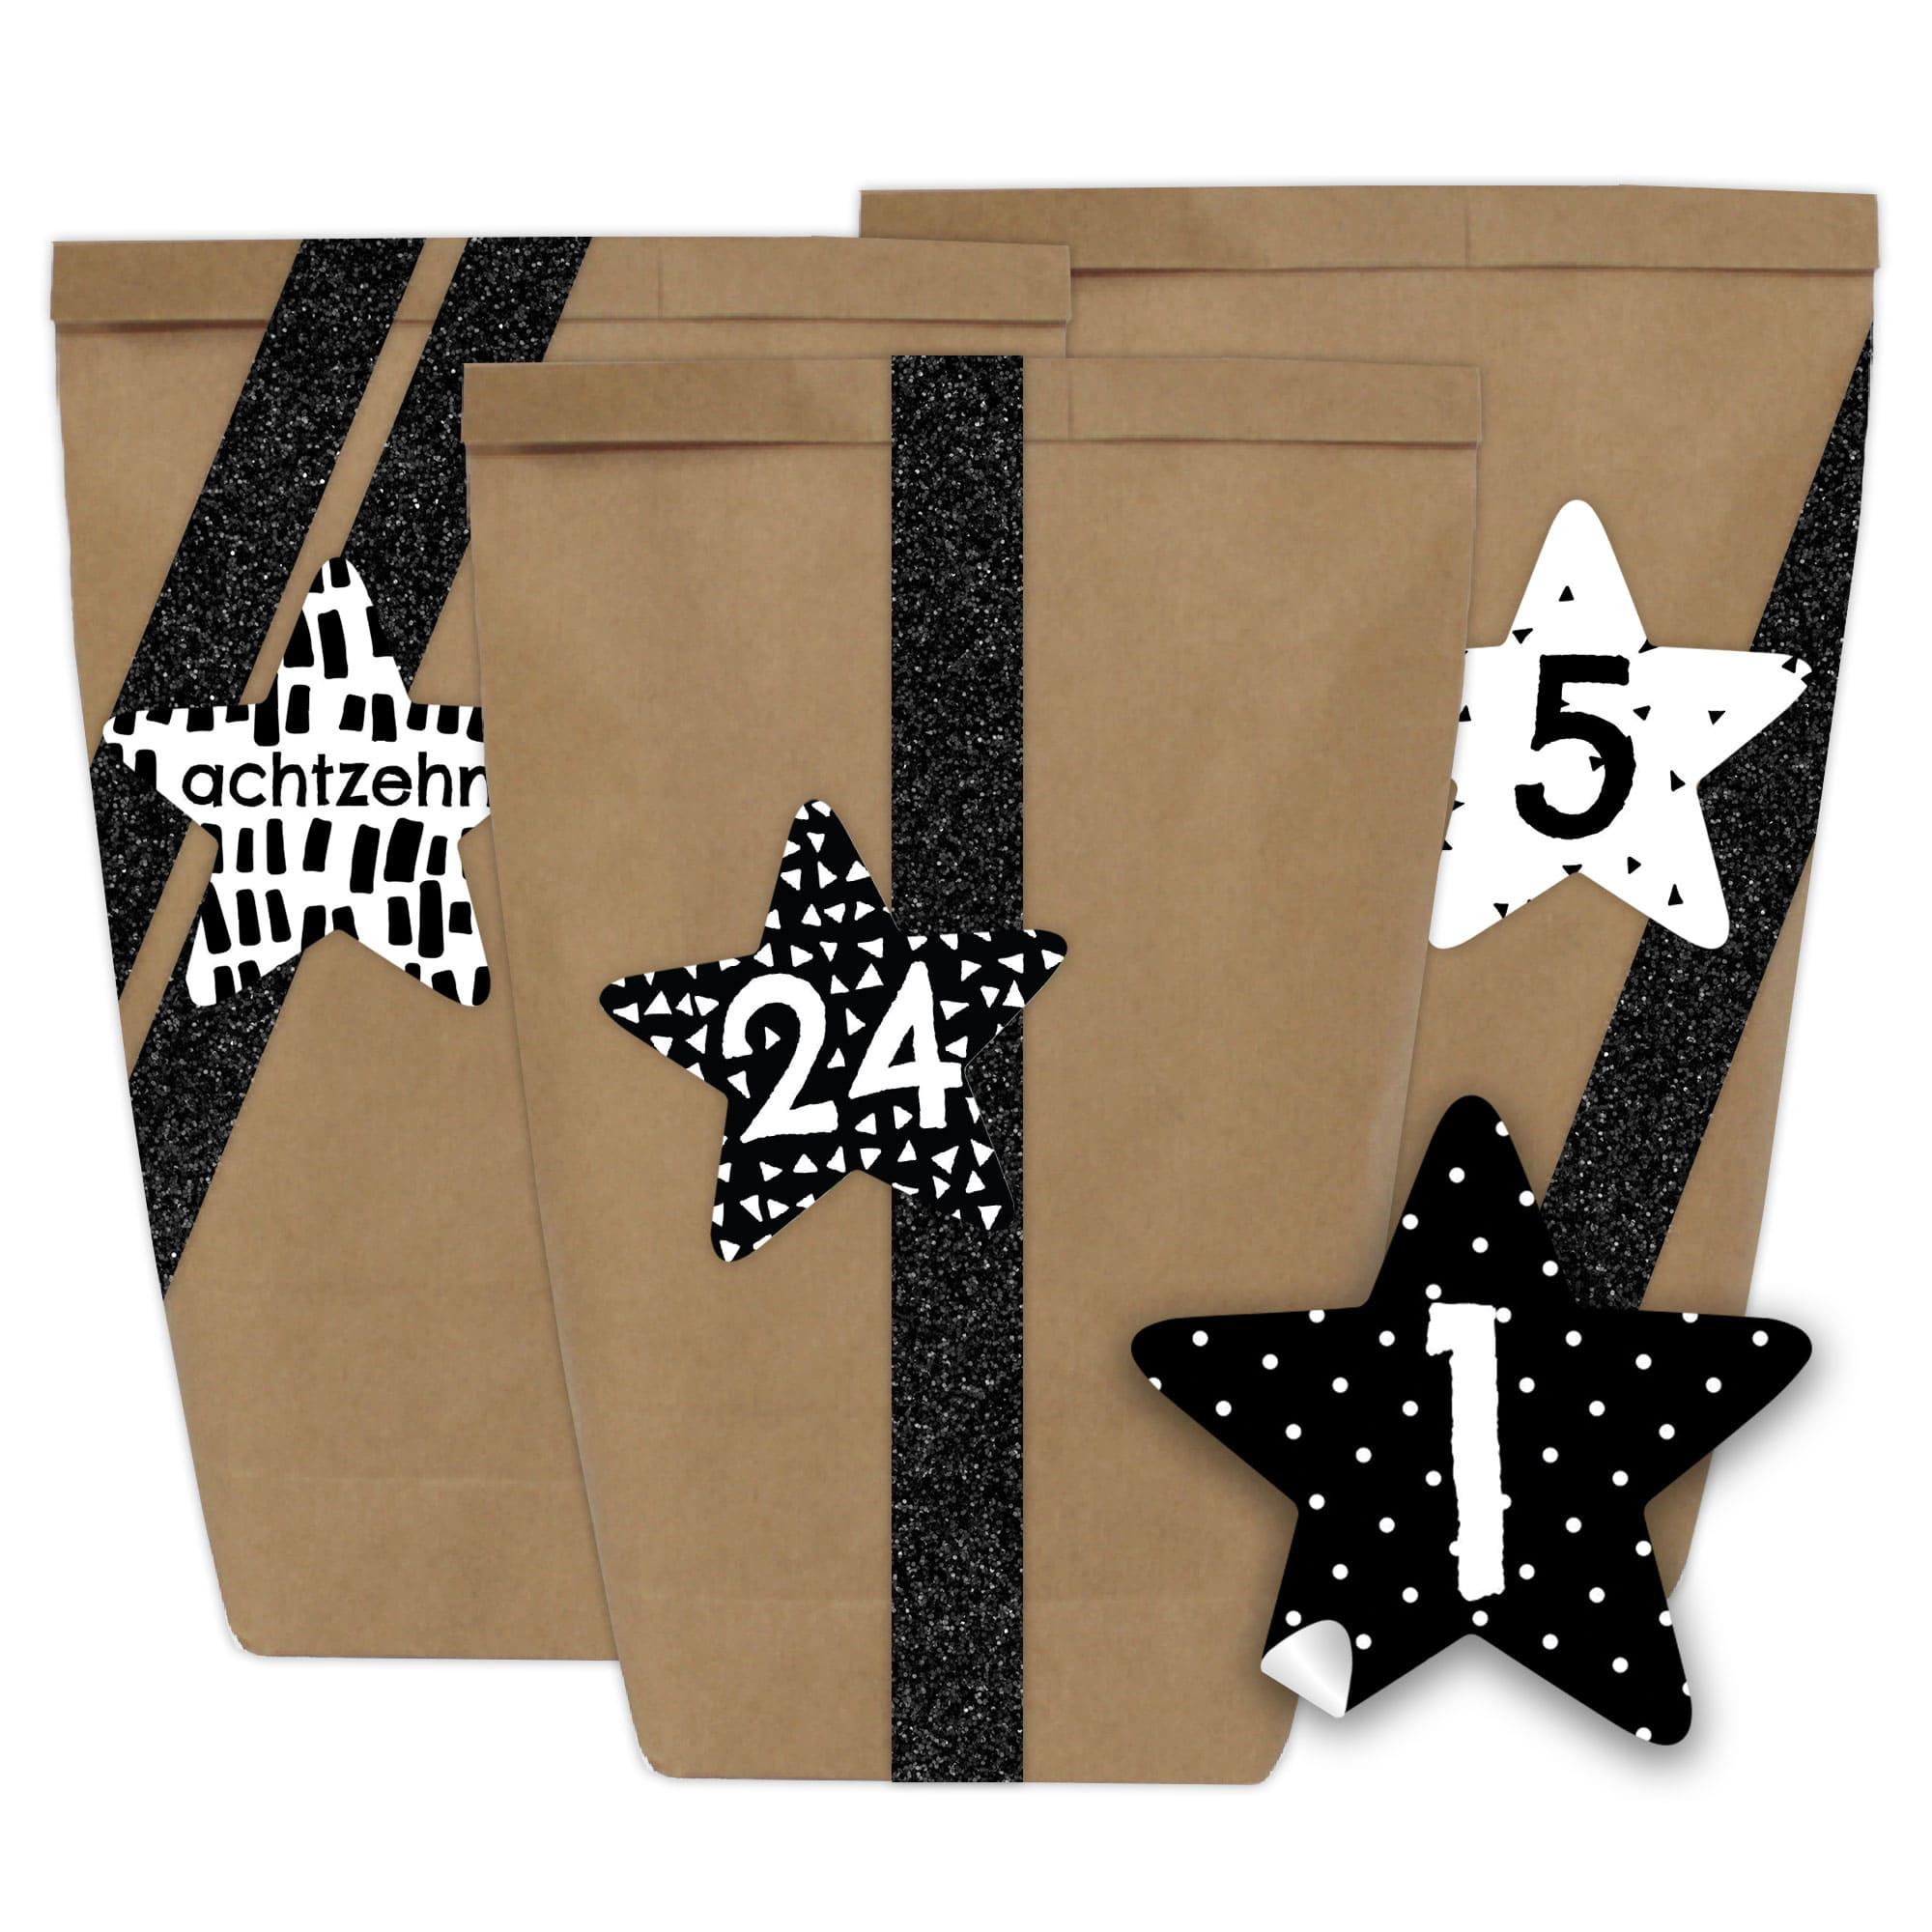 diy adventskalender 24 papiert ten mit aufklebern sternen form schwarz papierdrachen. Black Bedroom Furniture Sets. Home Design Ideas